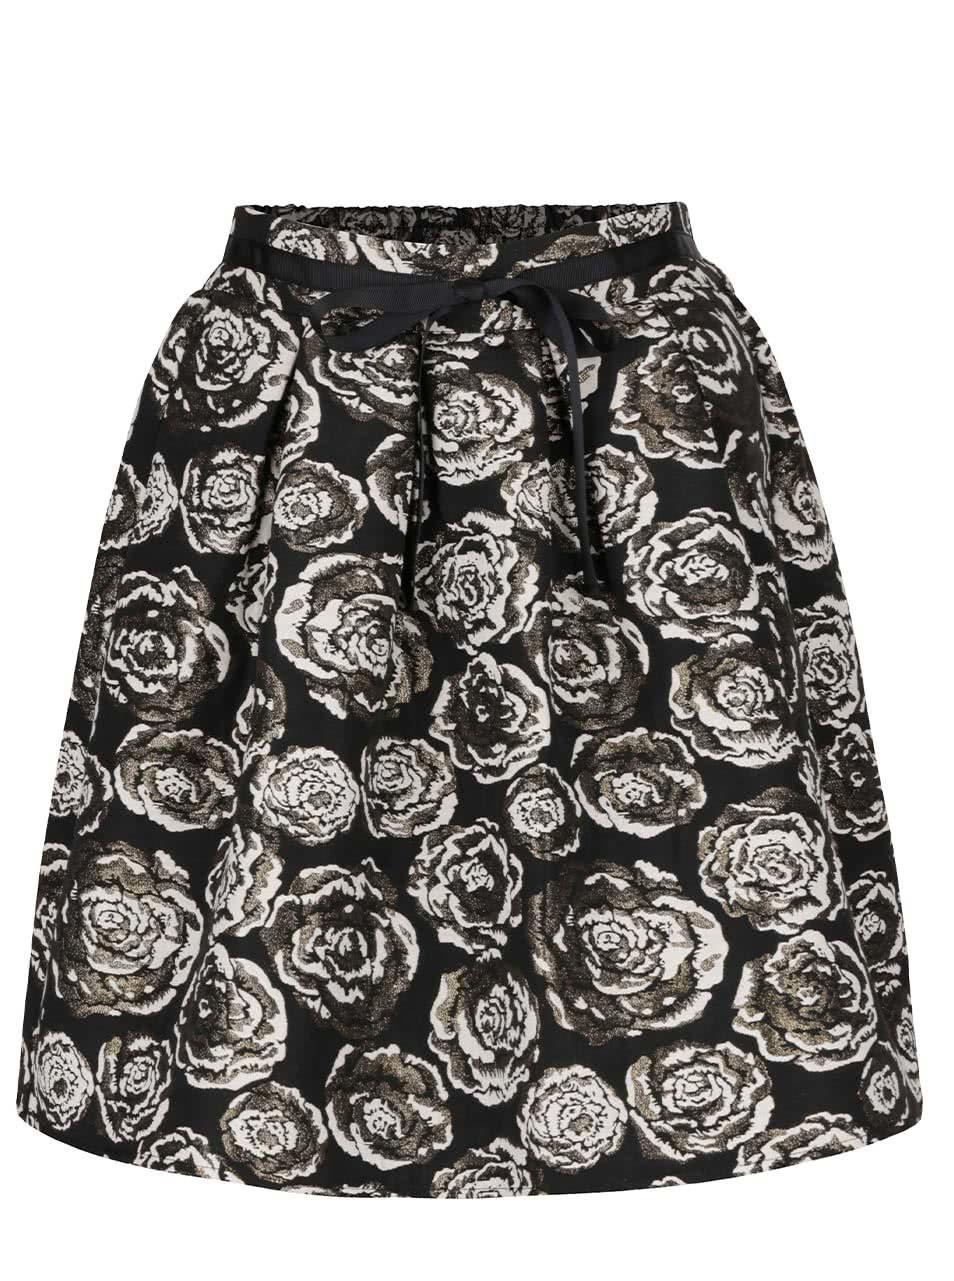 Černá květovaná sukně ve zlaté barvě VERO MODA Daisy ... dbf0d24756